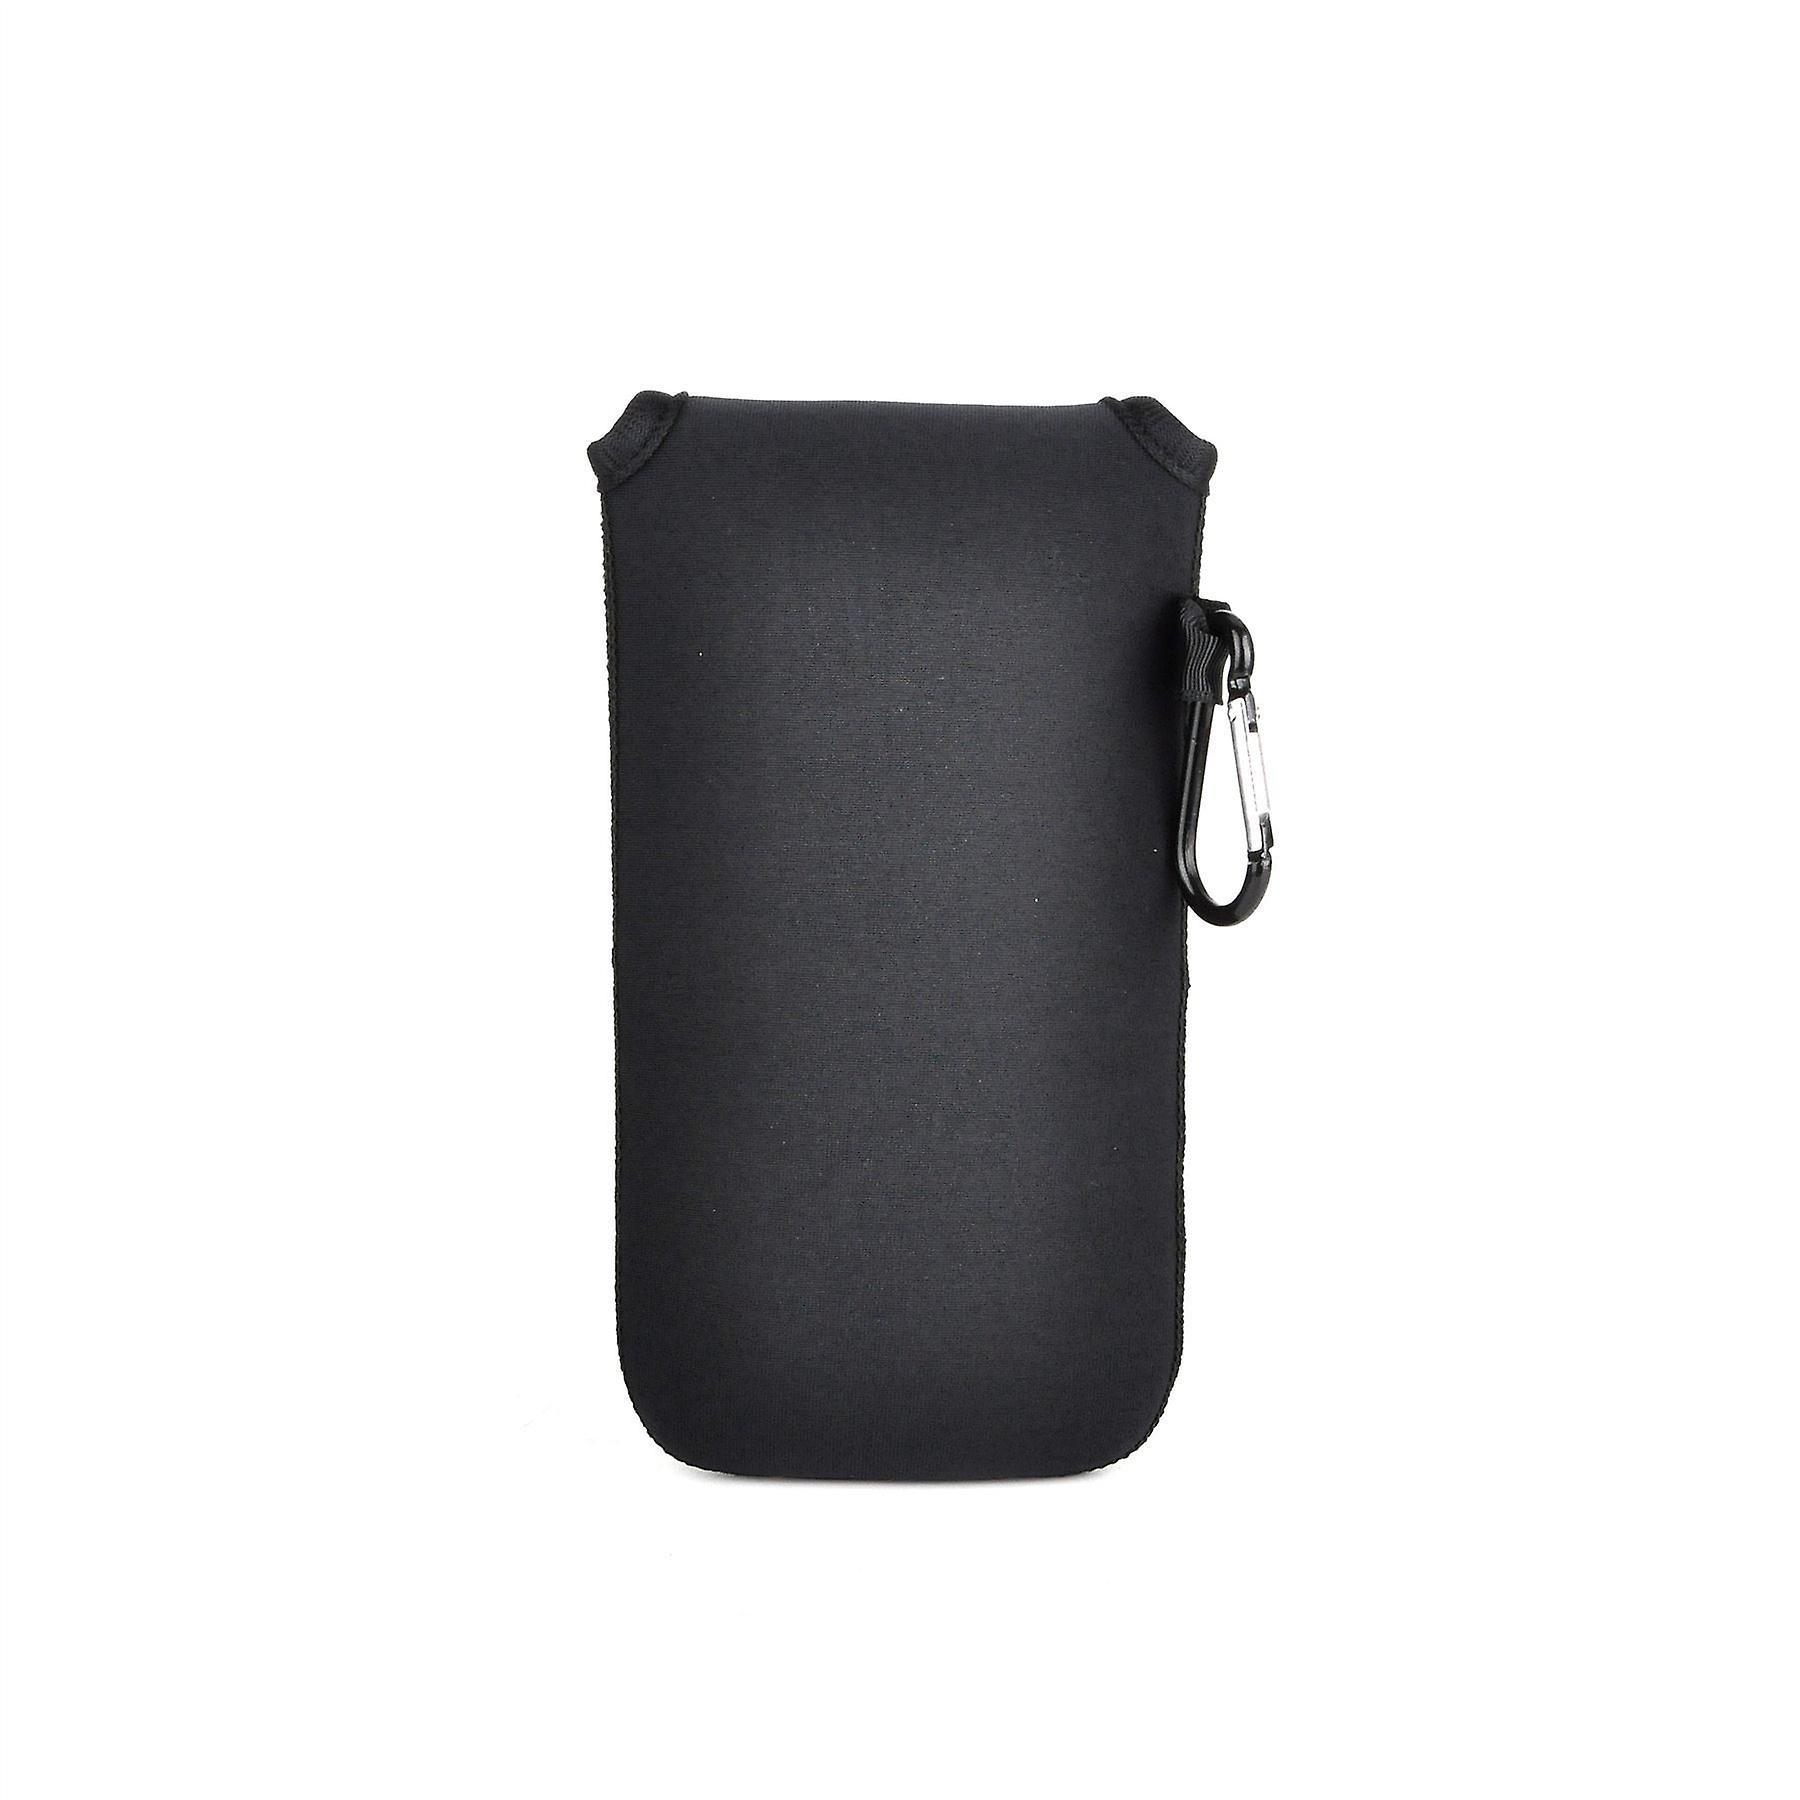 كيس تغطية القضية الحقيبة واقية مقاومة لتأثير النيوبرين إينفينتكاسي مع إغلاق Velcro والألمنيوم Carabiner لوضع نوكيا E73--الأسود